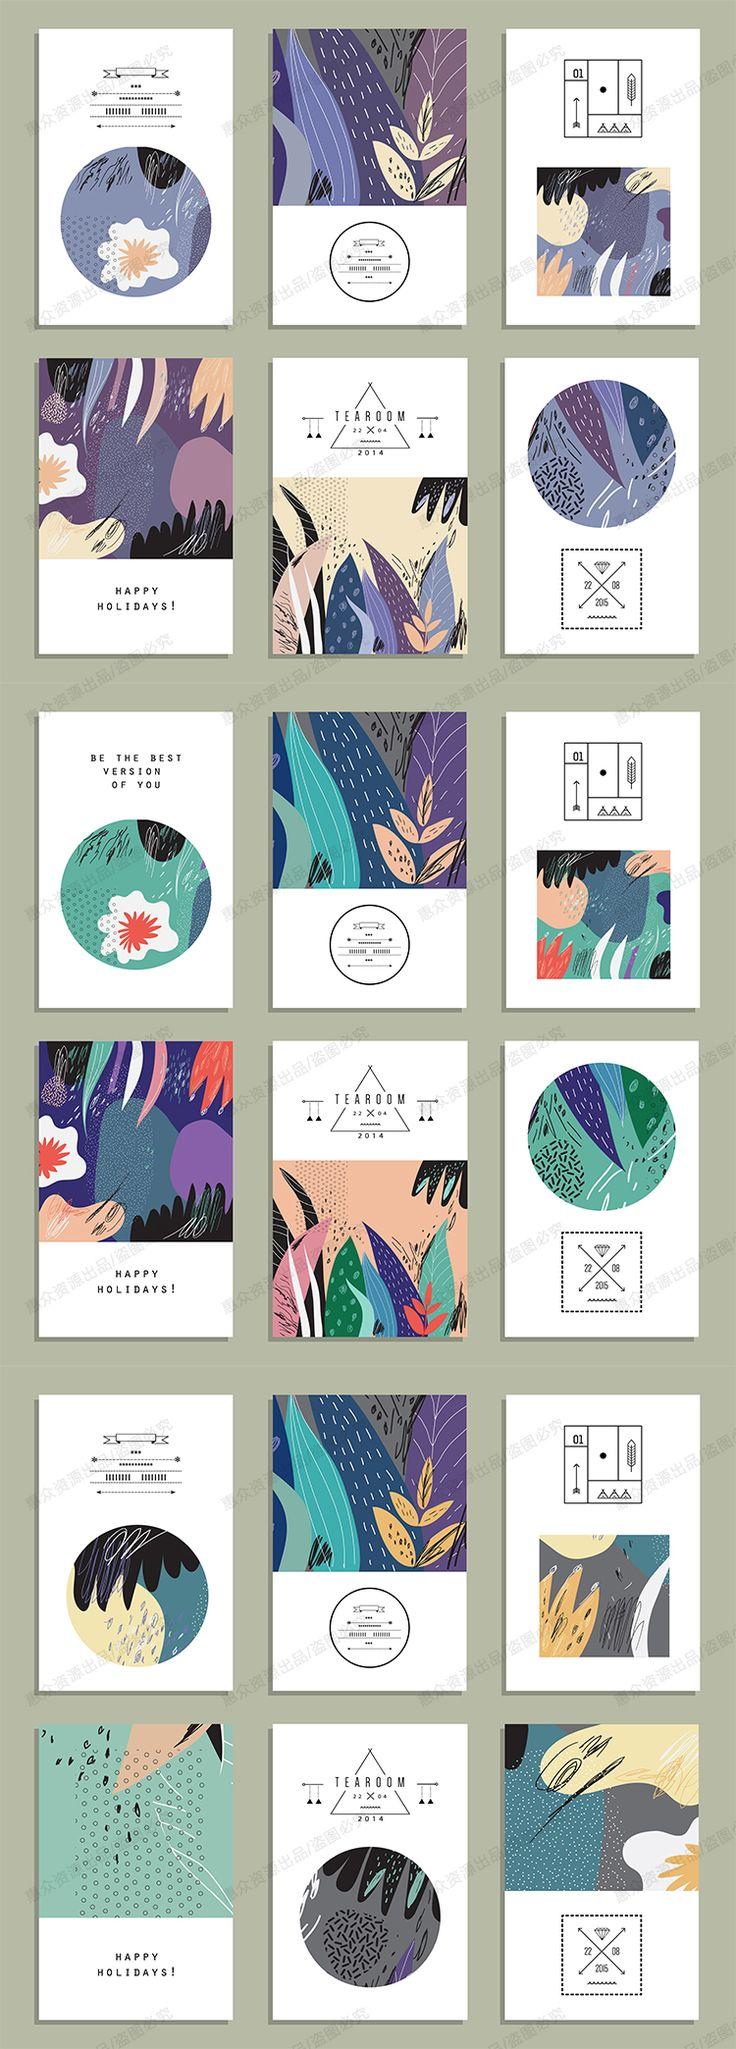 日系森女小清新花朵花草杂志书籍封面贺卡明信片广告印刷矢量素材-淘宝网